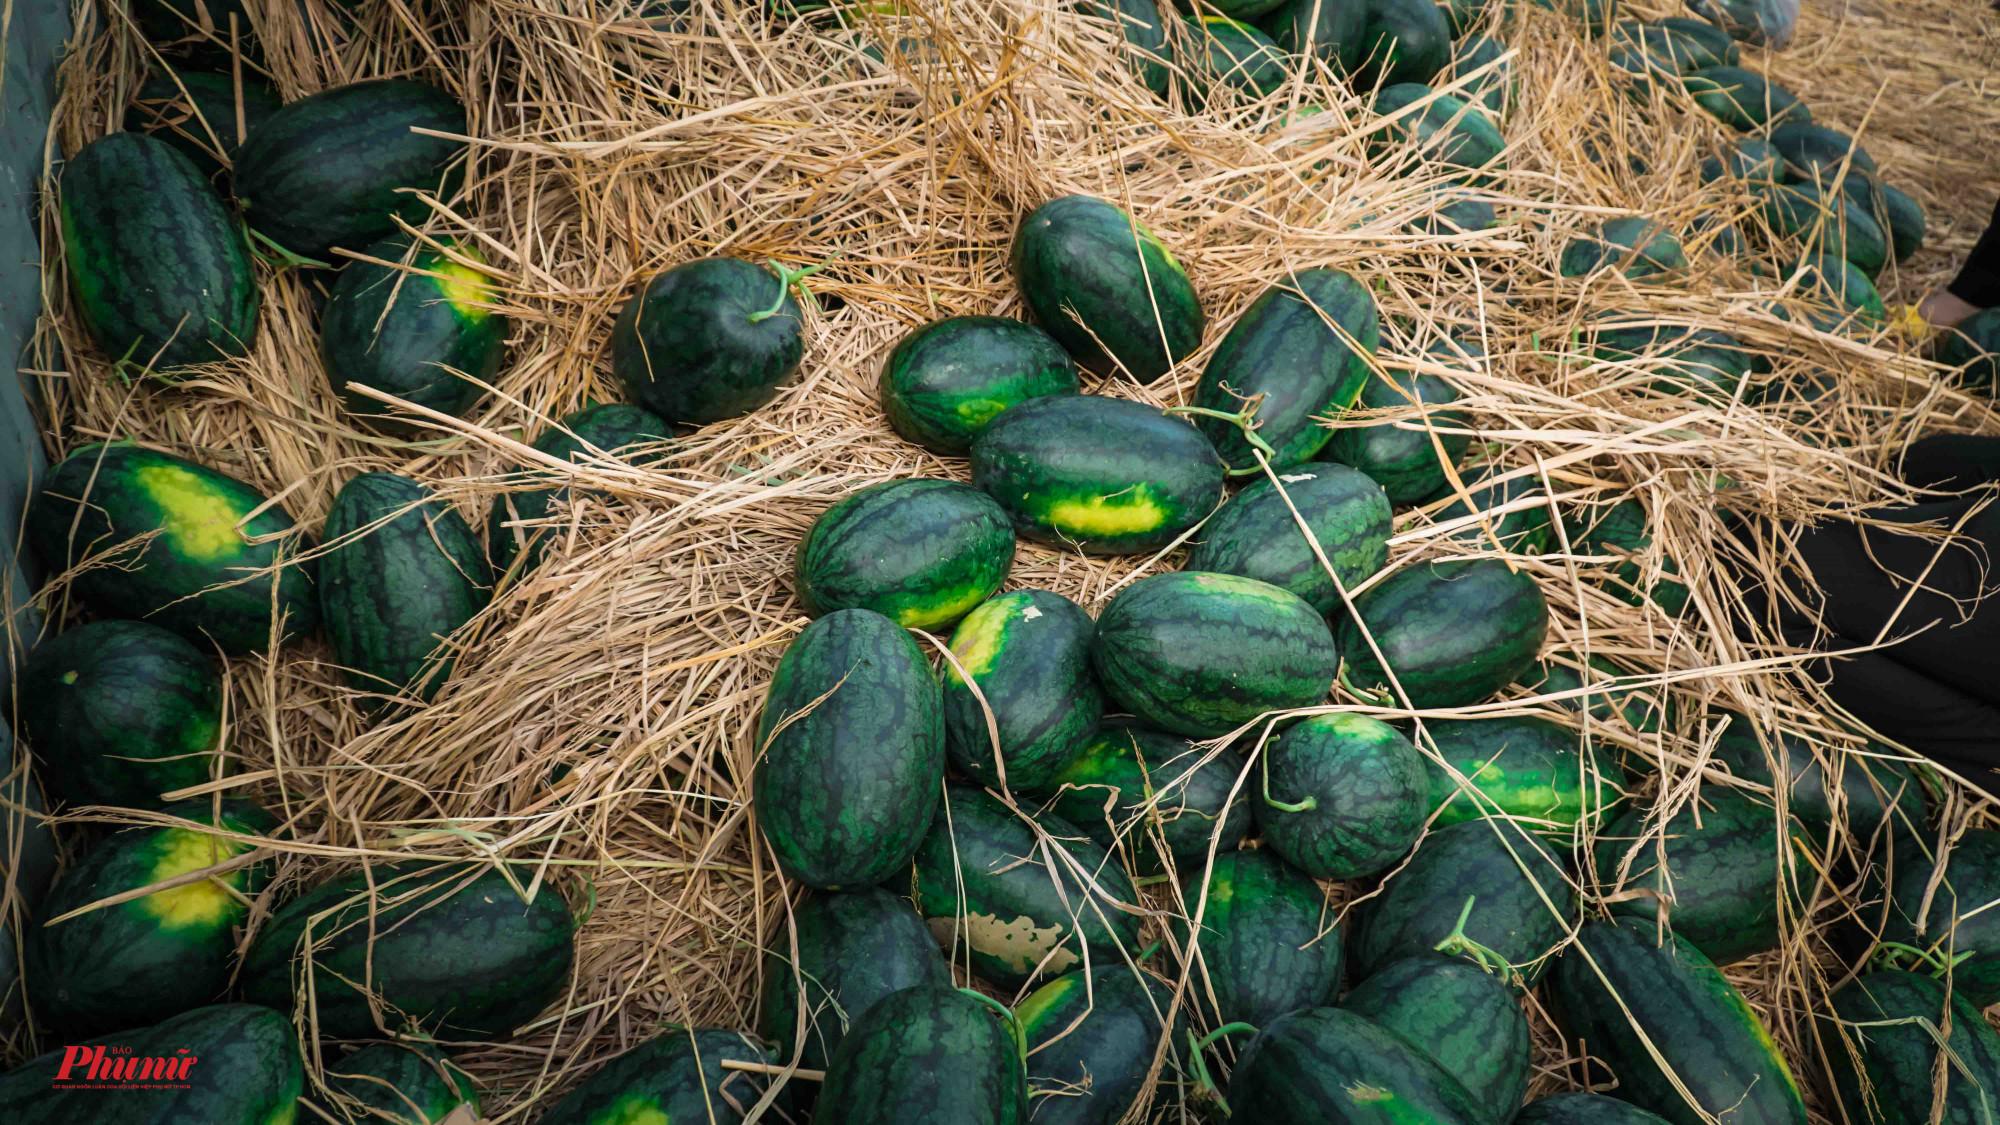 13 Tấn dưa không hạt có giá 4 triệu/tấn